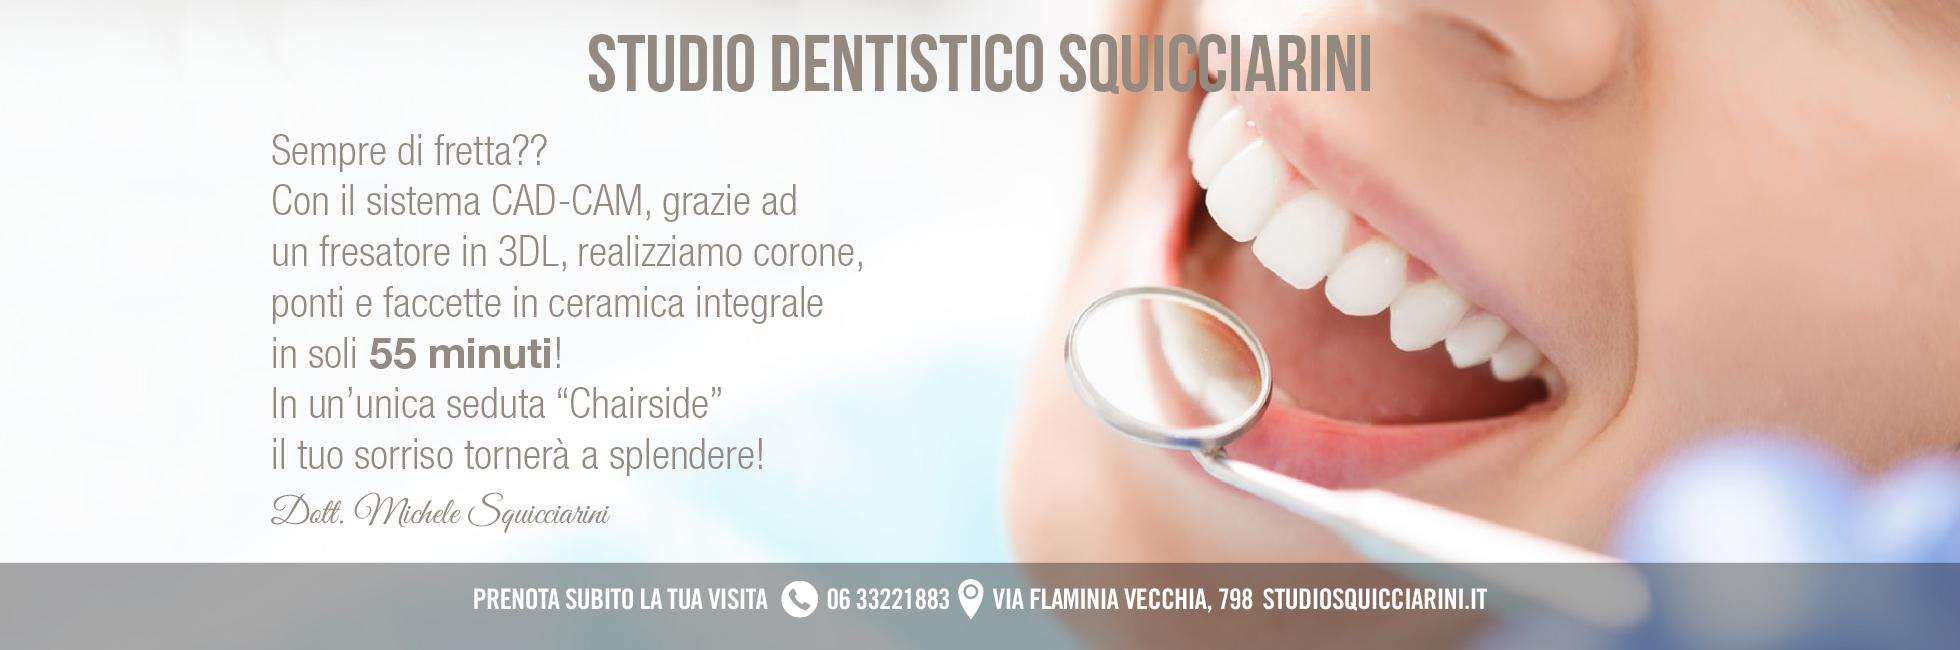 studiosquicciarini-v7-42